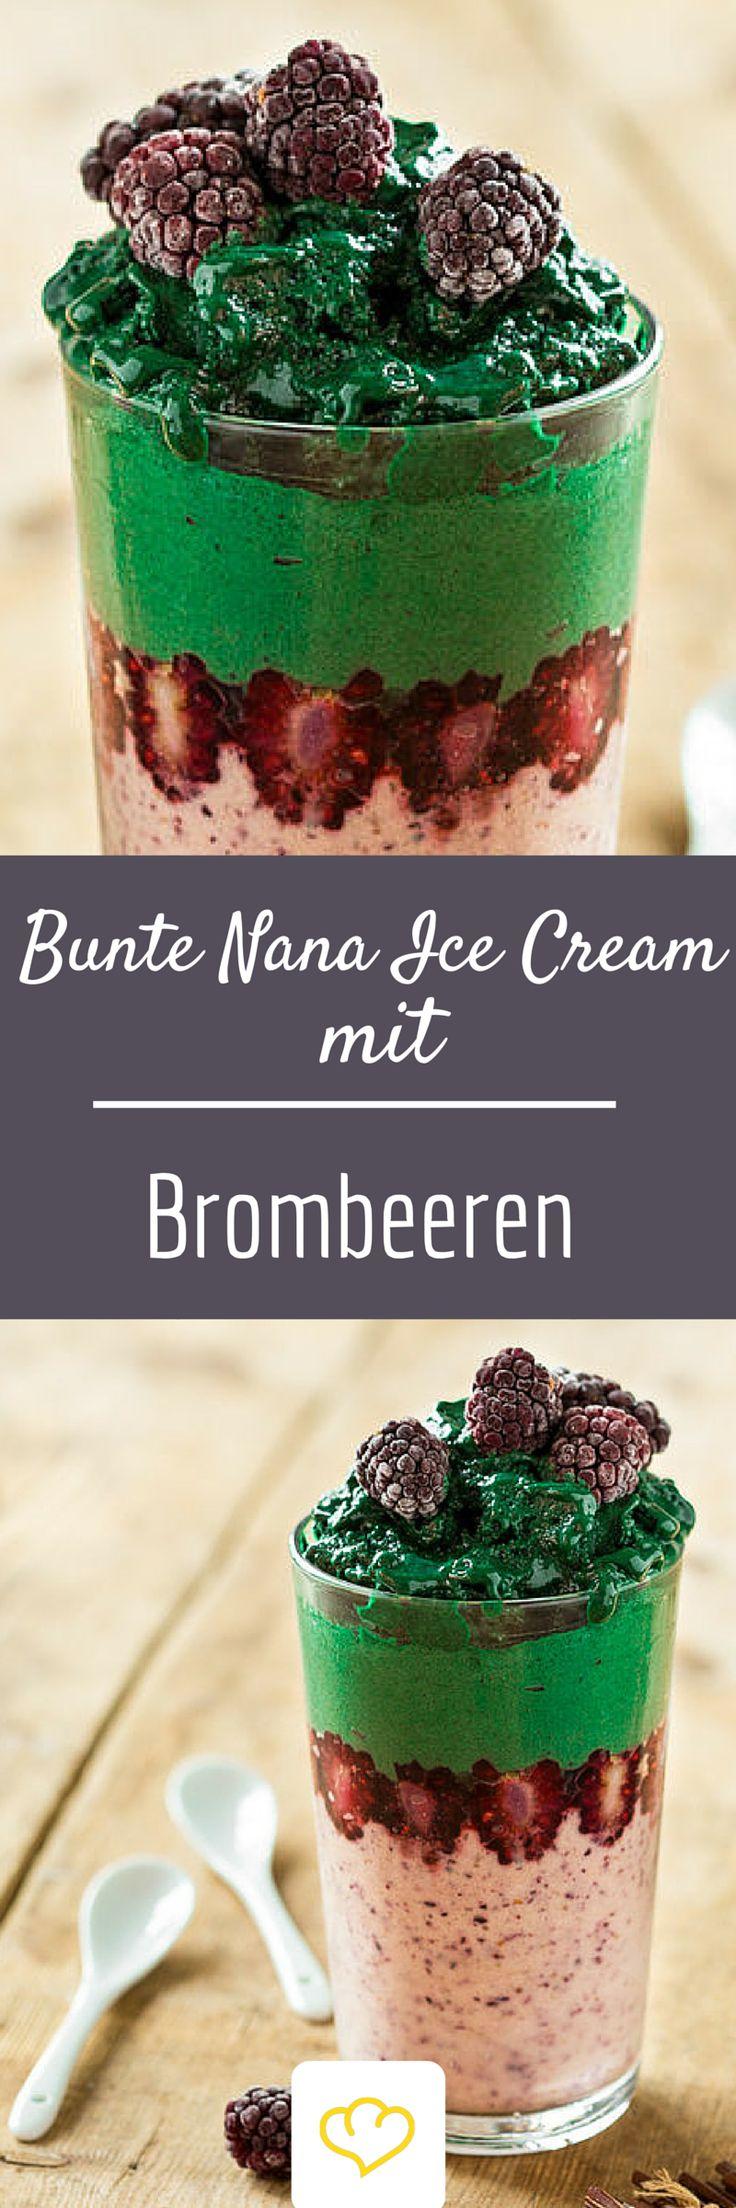 9 best Eiskarte images on Pinterest | Eisbecher, Eisdiele und Mahlzeiten